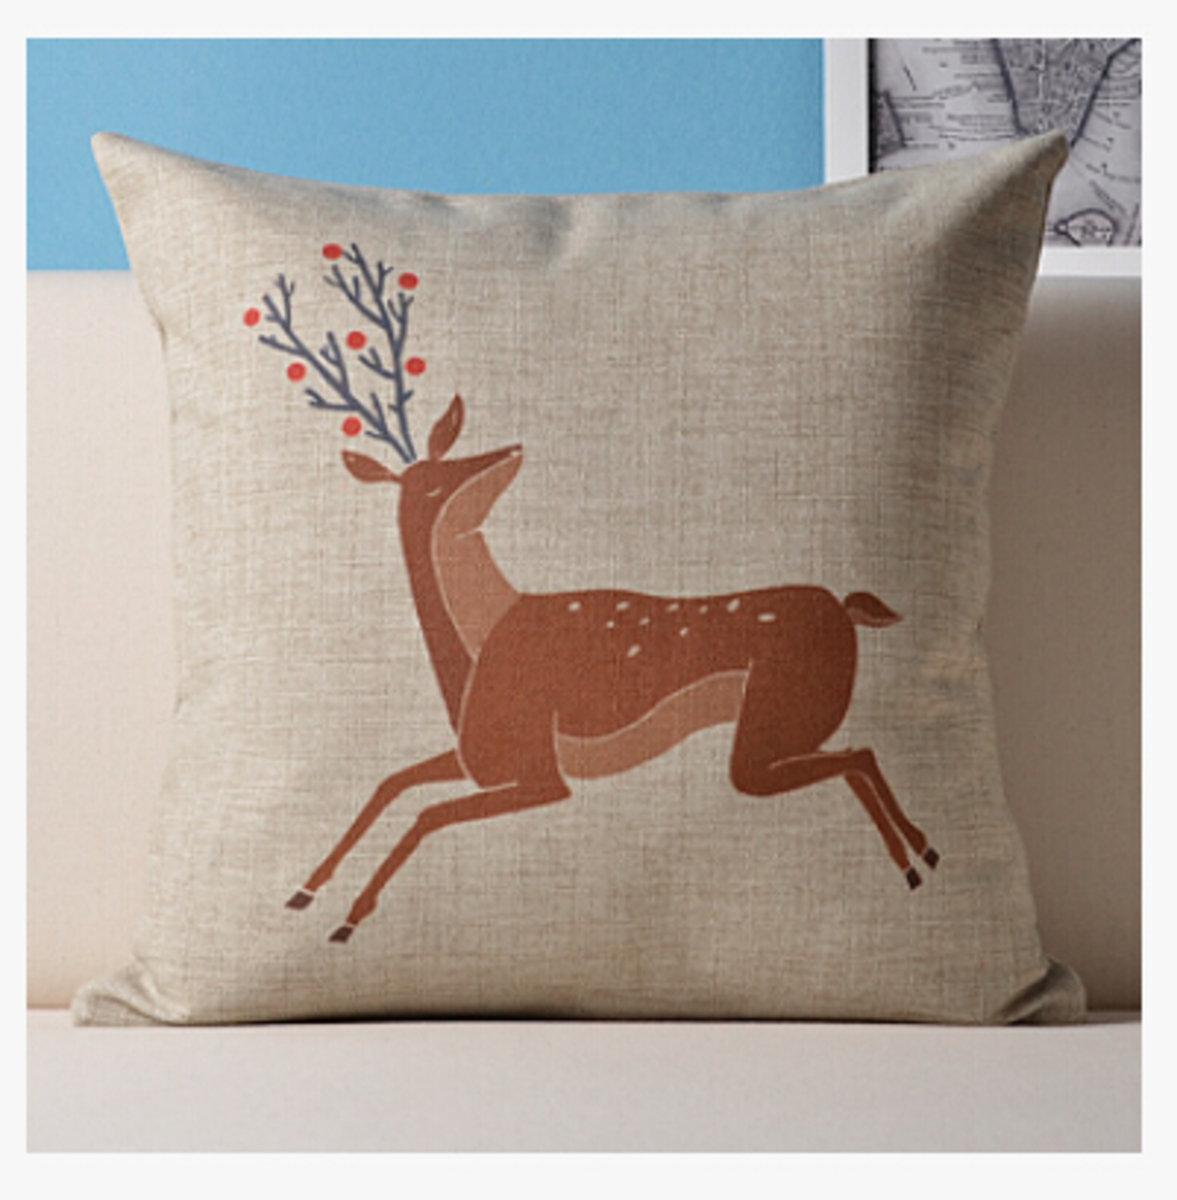 麋鹿麻棉抱枕 - D款(梅花鹿)